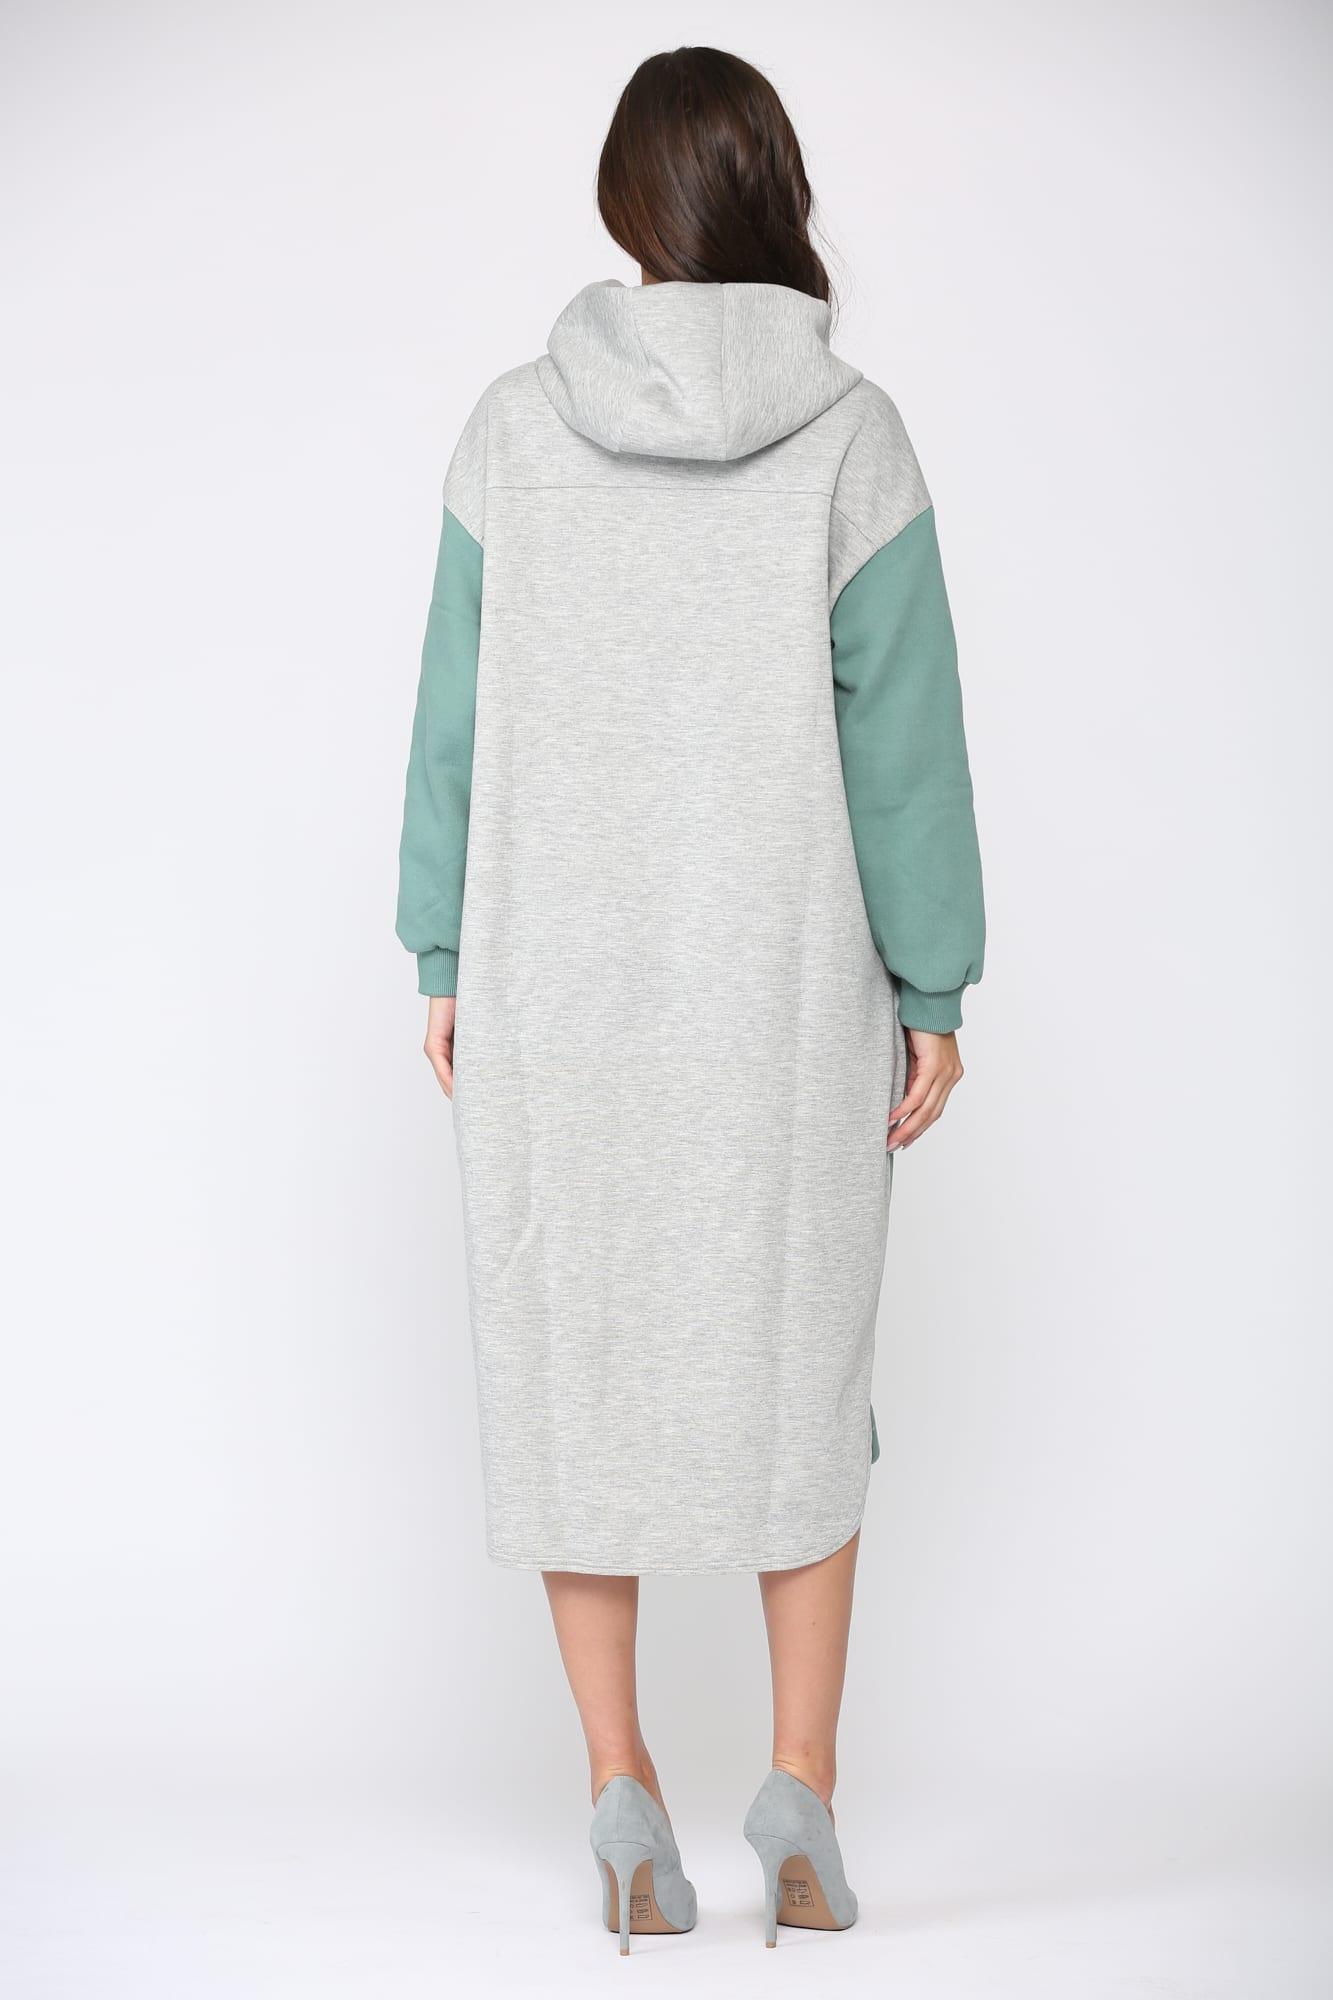 Fatima Color-block Dress - Green - Back